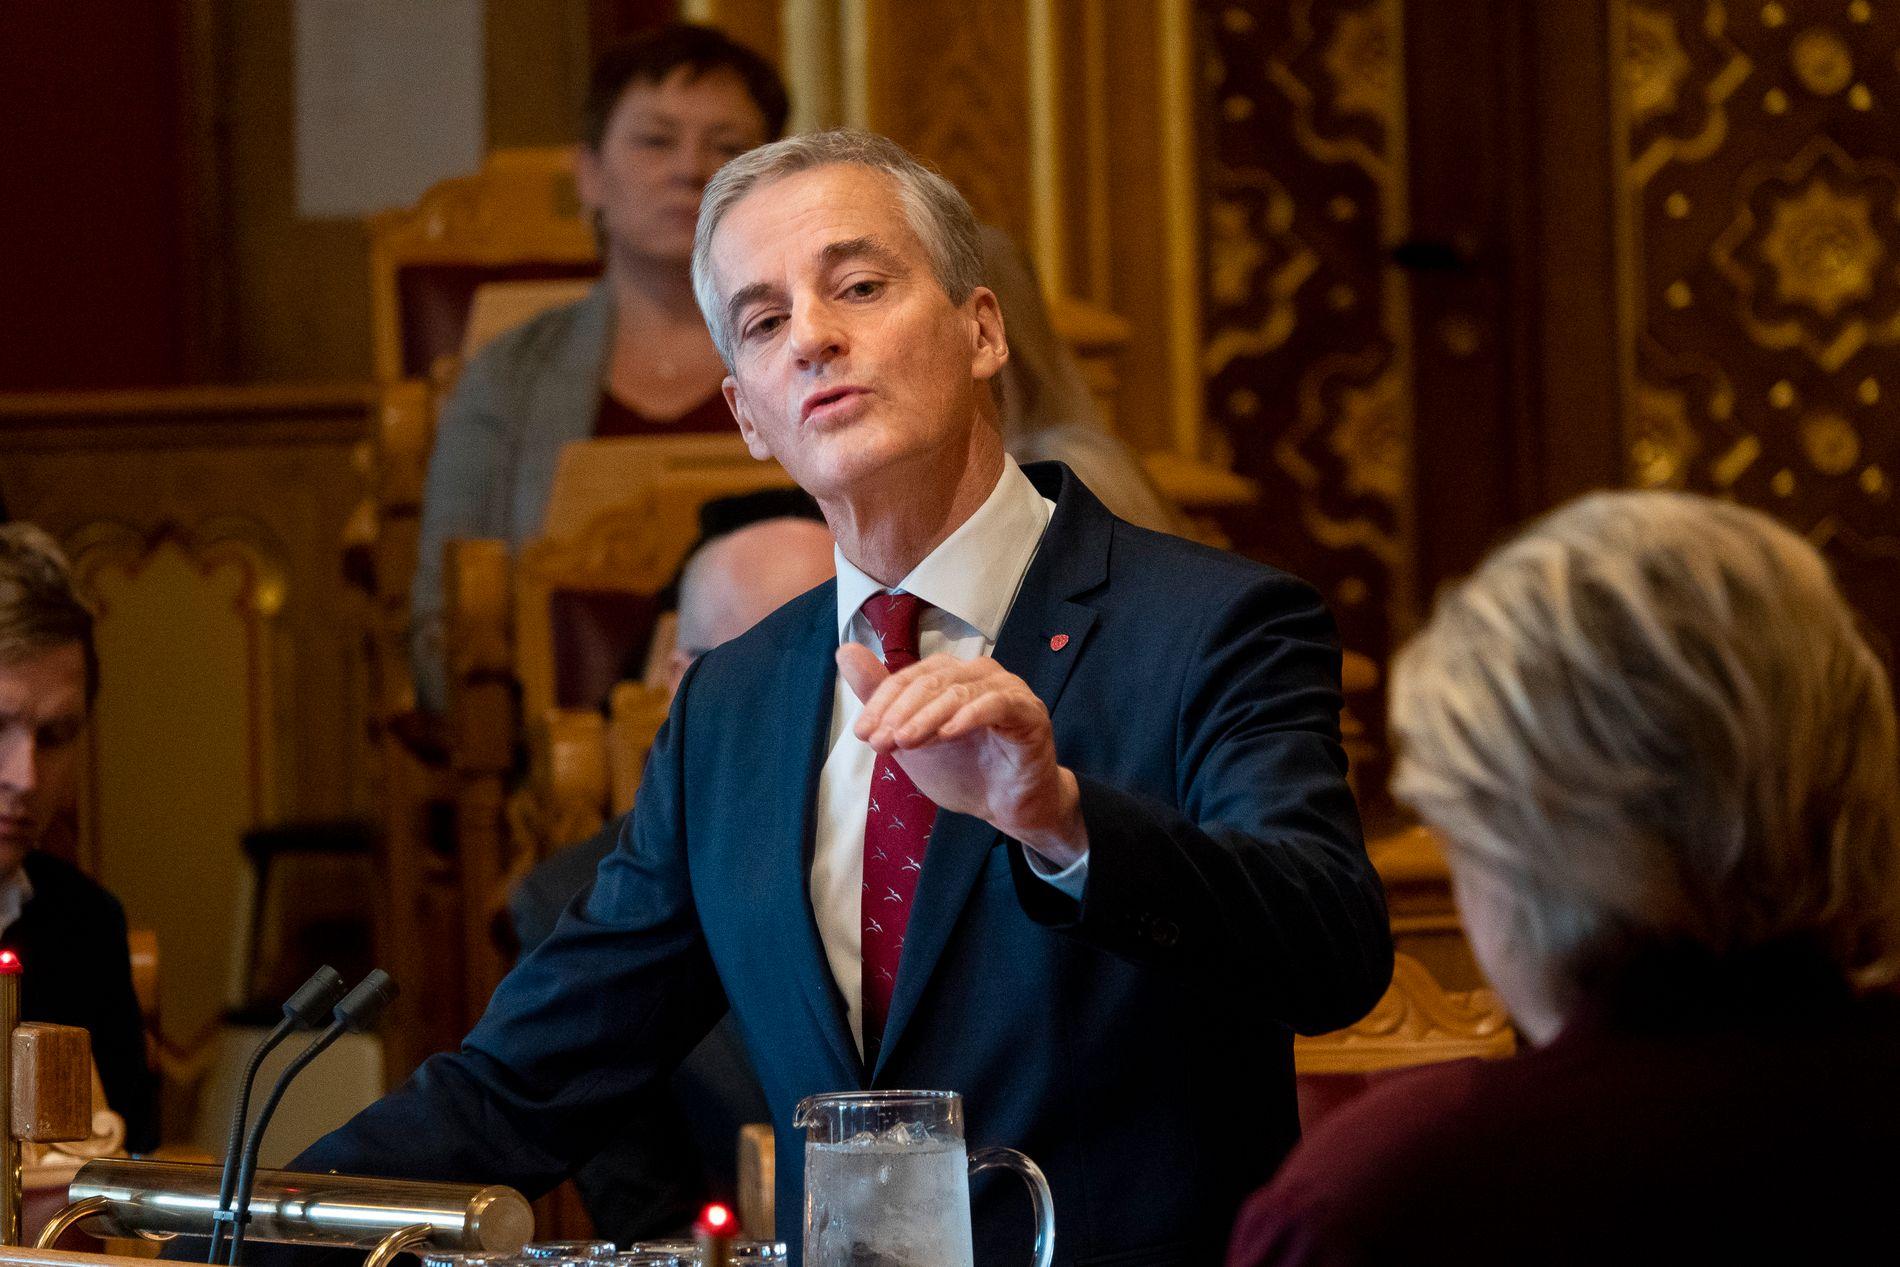 UT MOT ERNA: Jonas Gahr Støre kritiserer Erna Solberg for å starte en «anbudskonkurranse» på etiske spørsmål som abort.